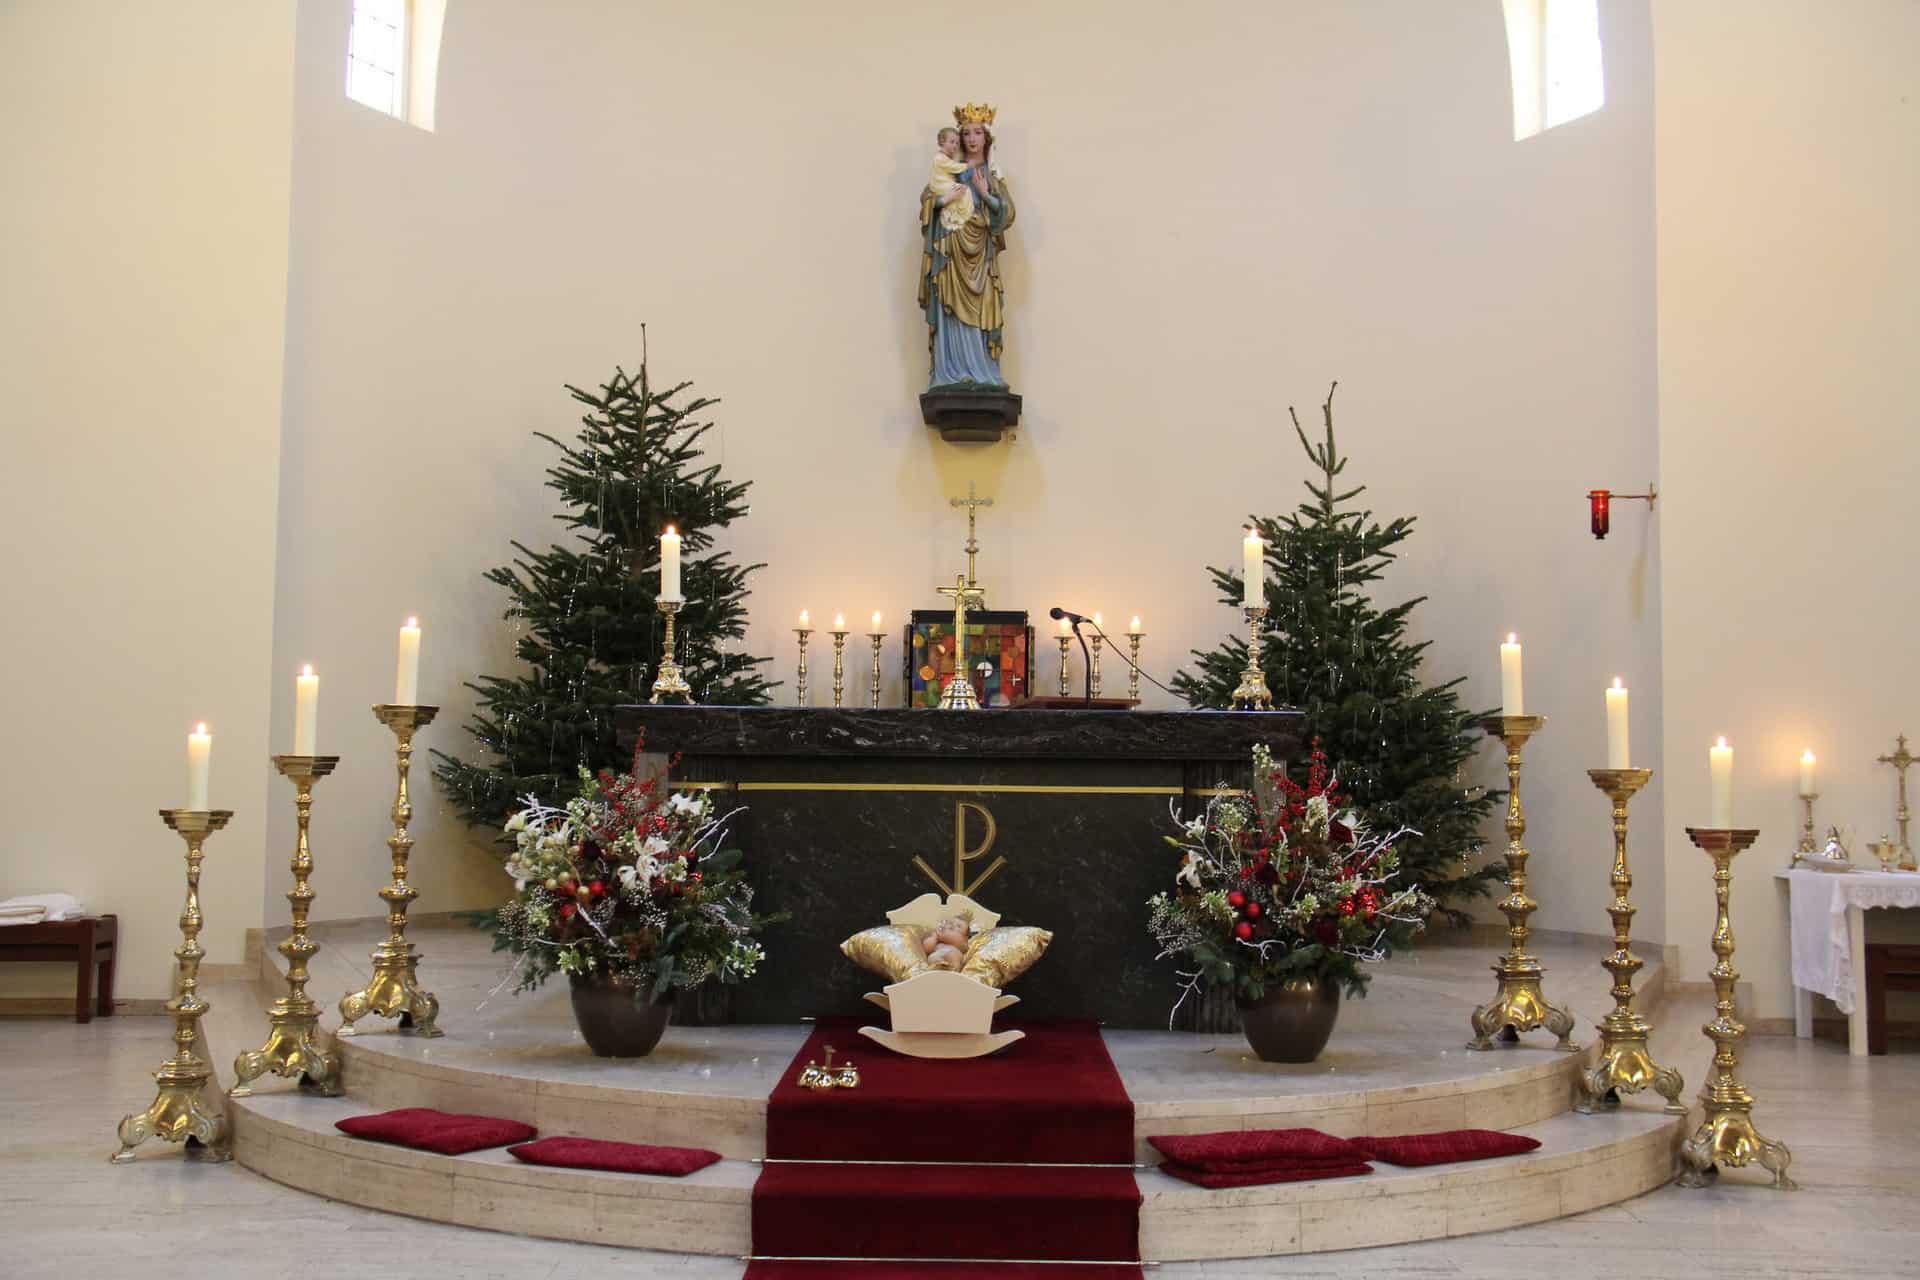 kerstvieringen-olvternood-heiloo